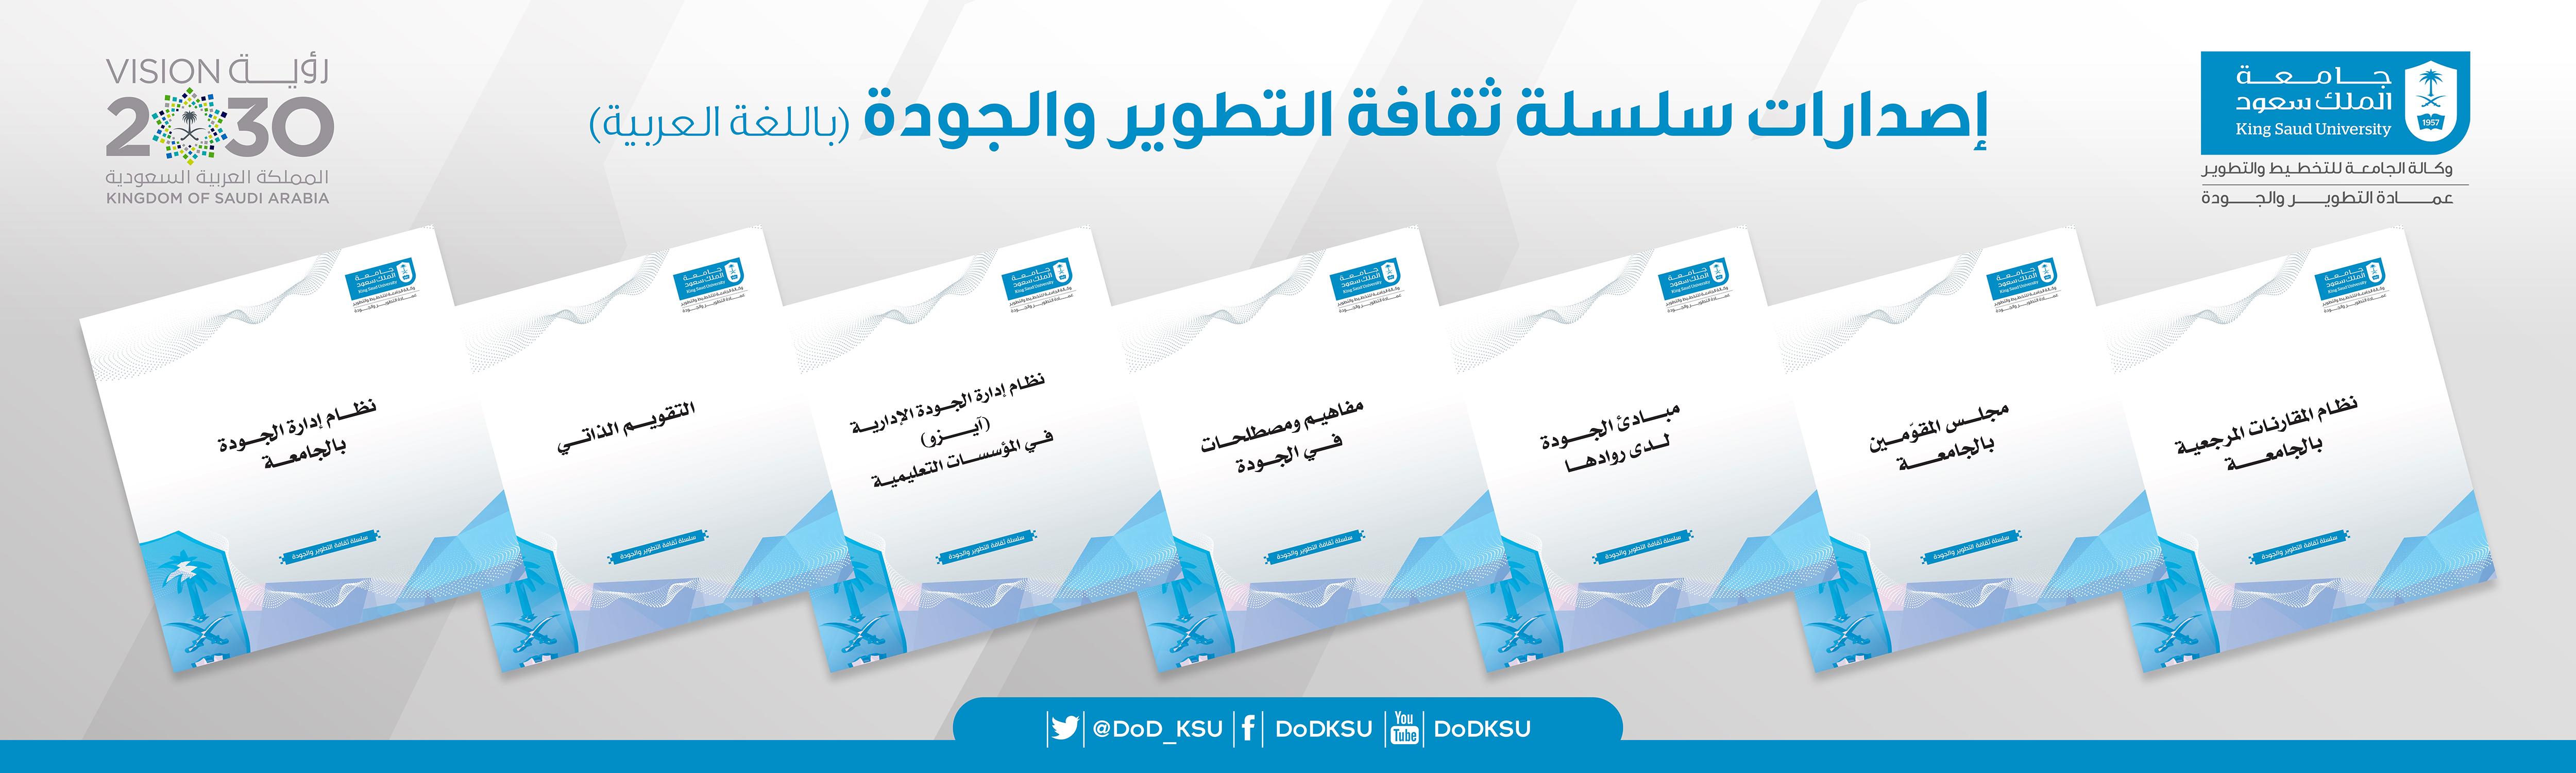 إصدارات سلسلة ثقافة التطوير... - باللغة العربية